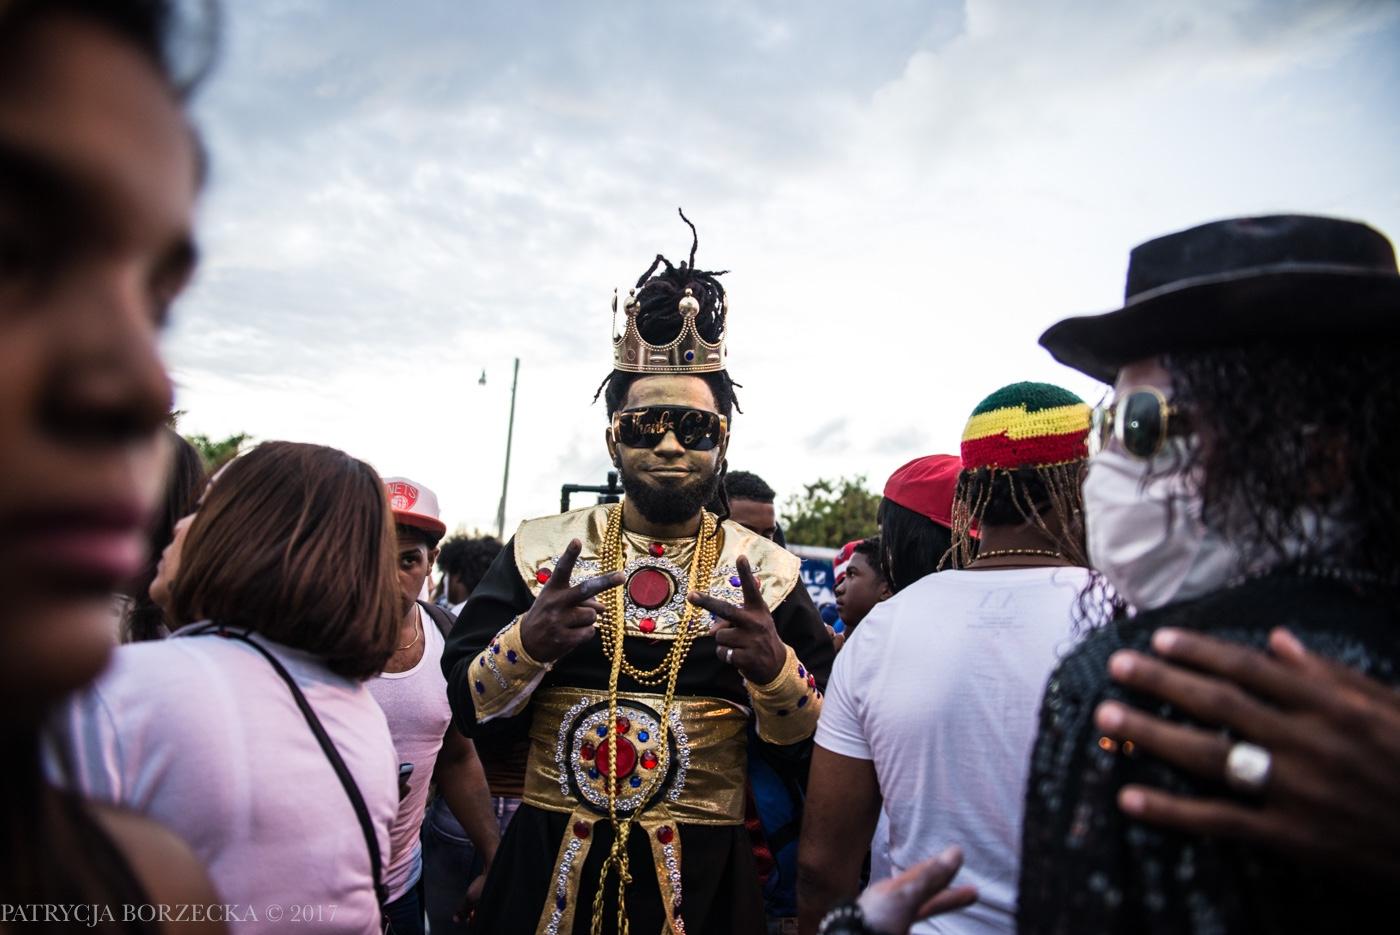 PatrycjaBorzecka-Photo-Carnival-Punta-Cana18